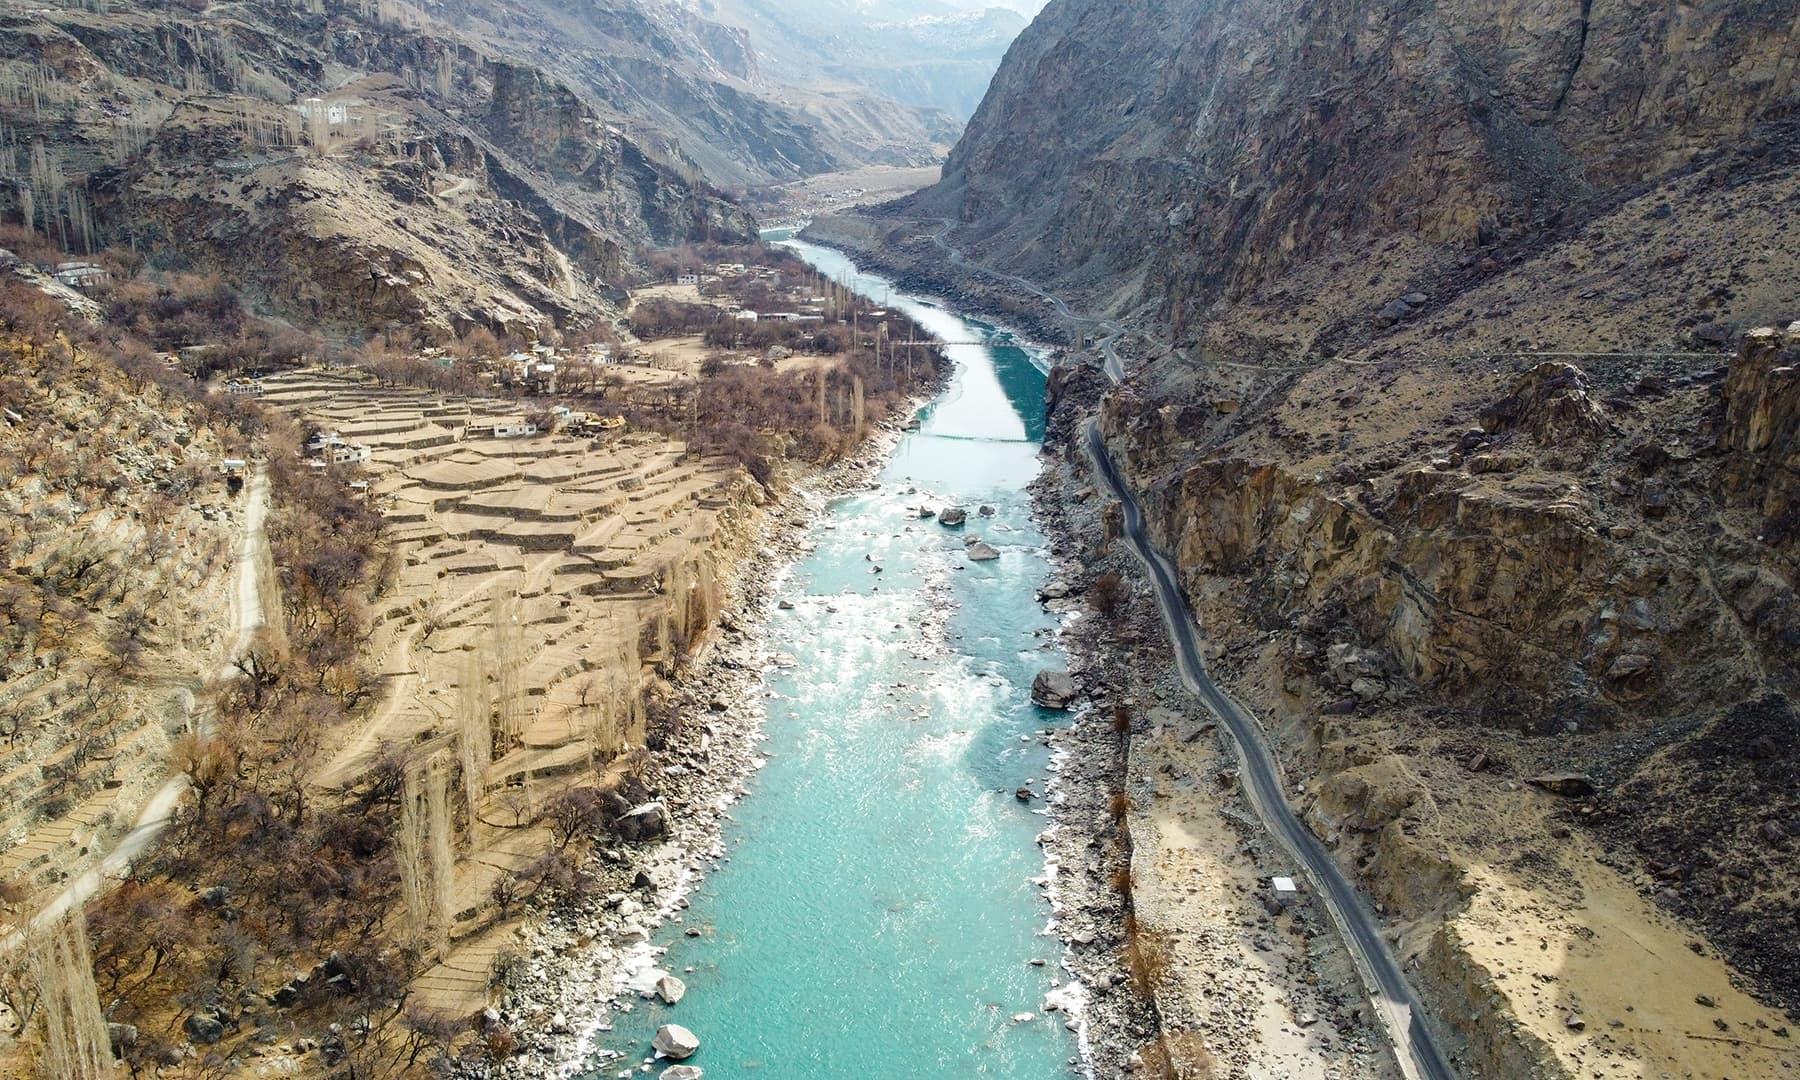 موسمِ خزاں میں کارگل روڈ کے کنارے بہتا دریائے سندھ